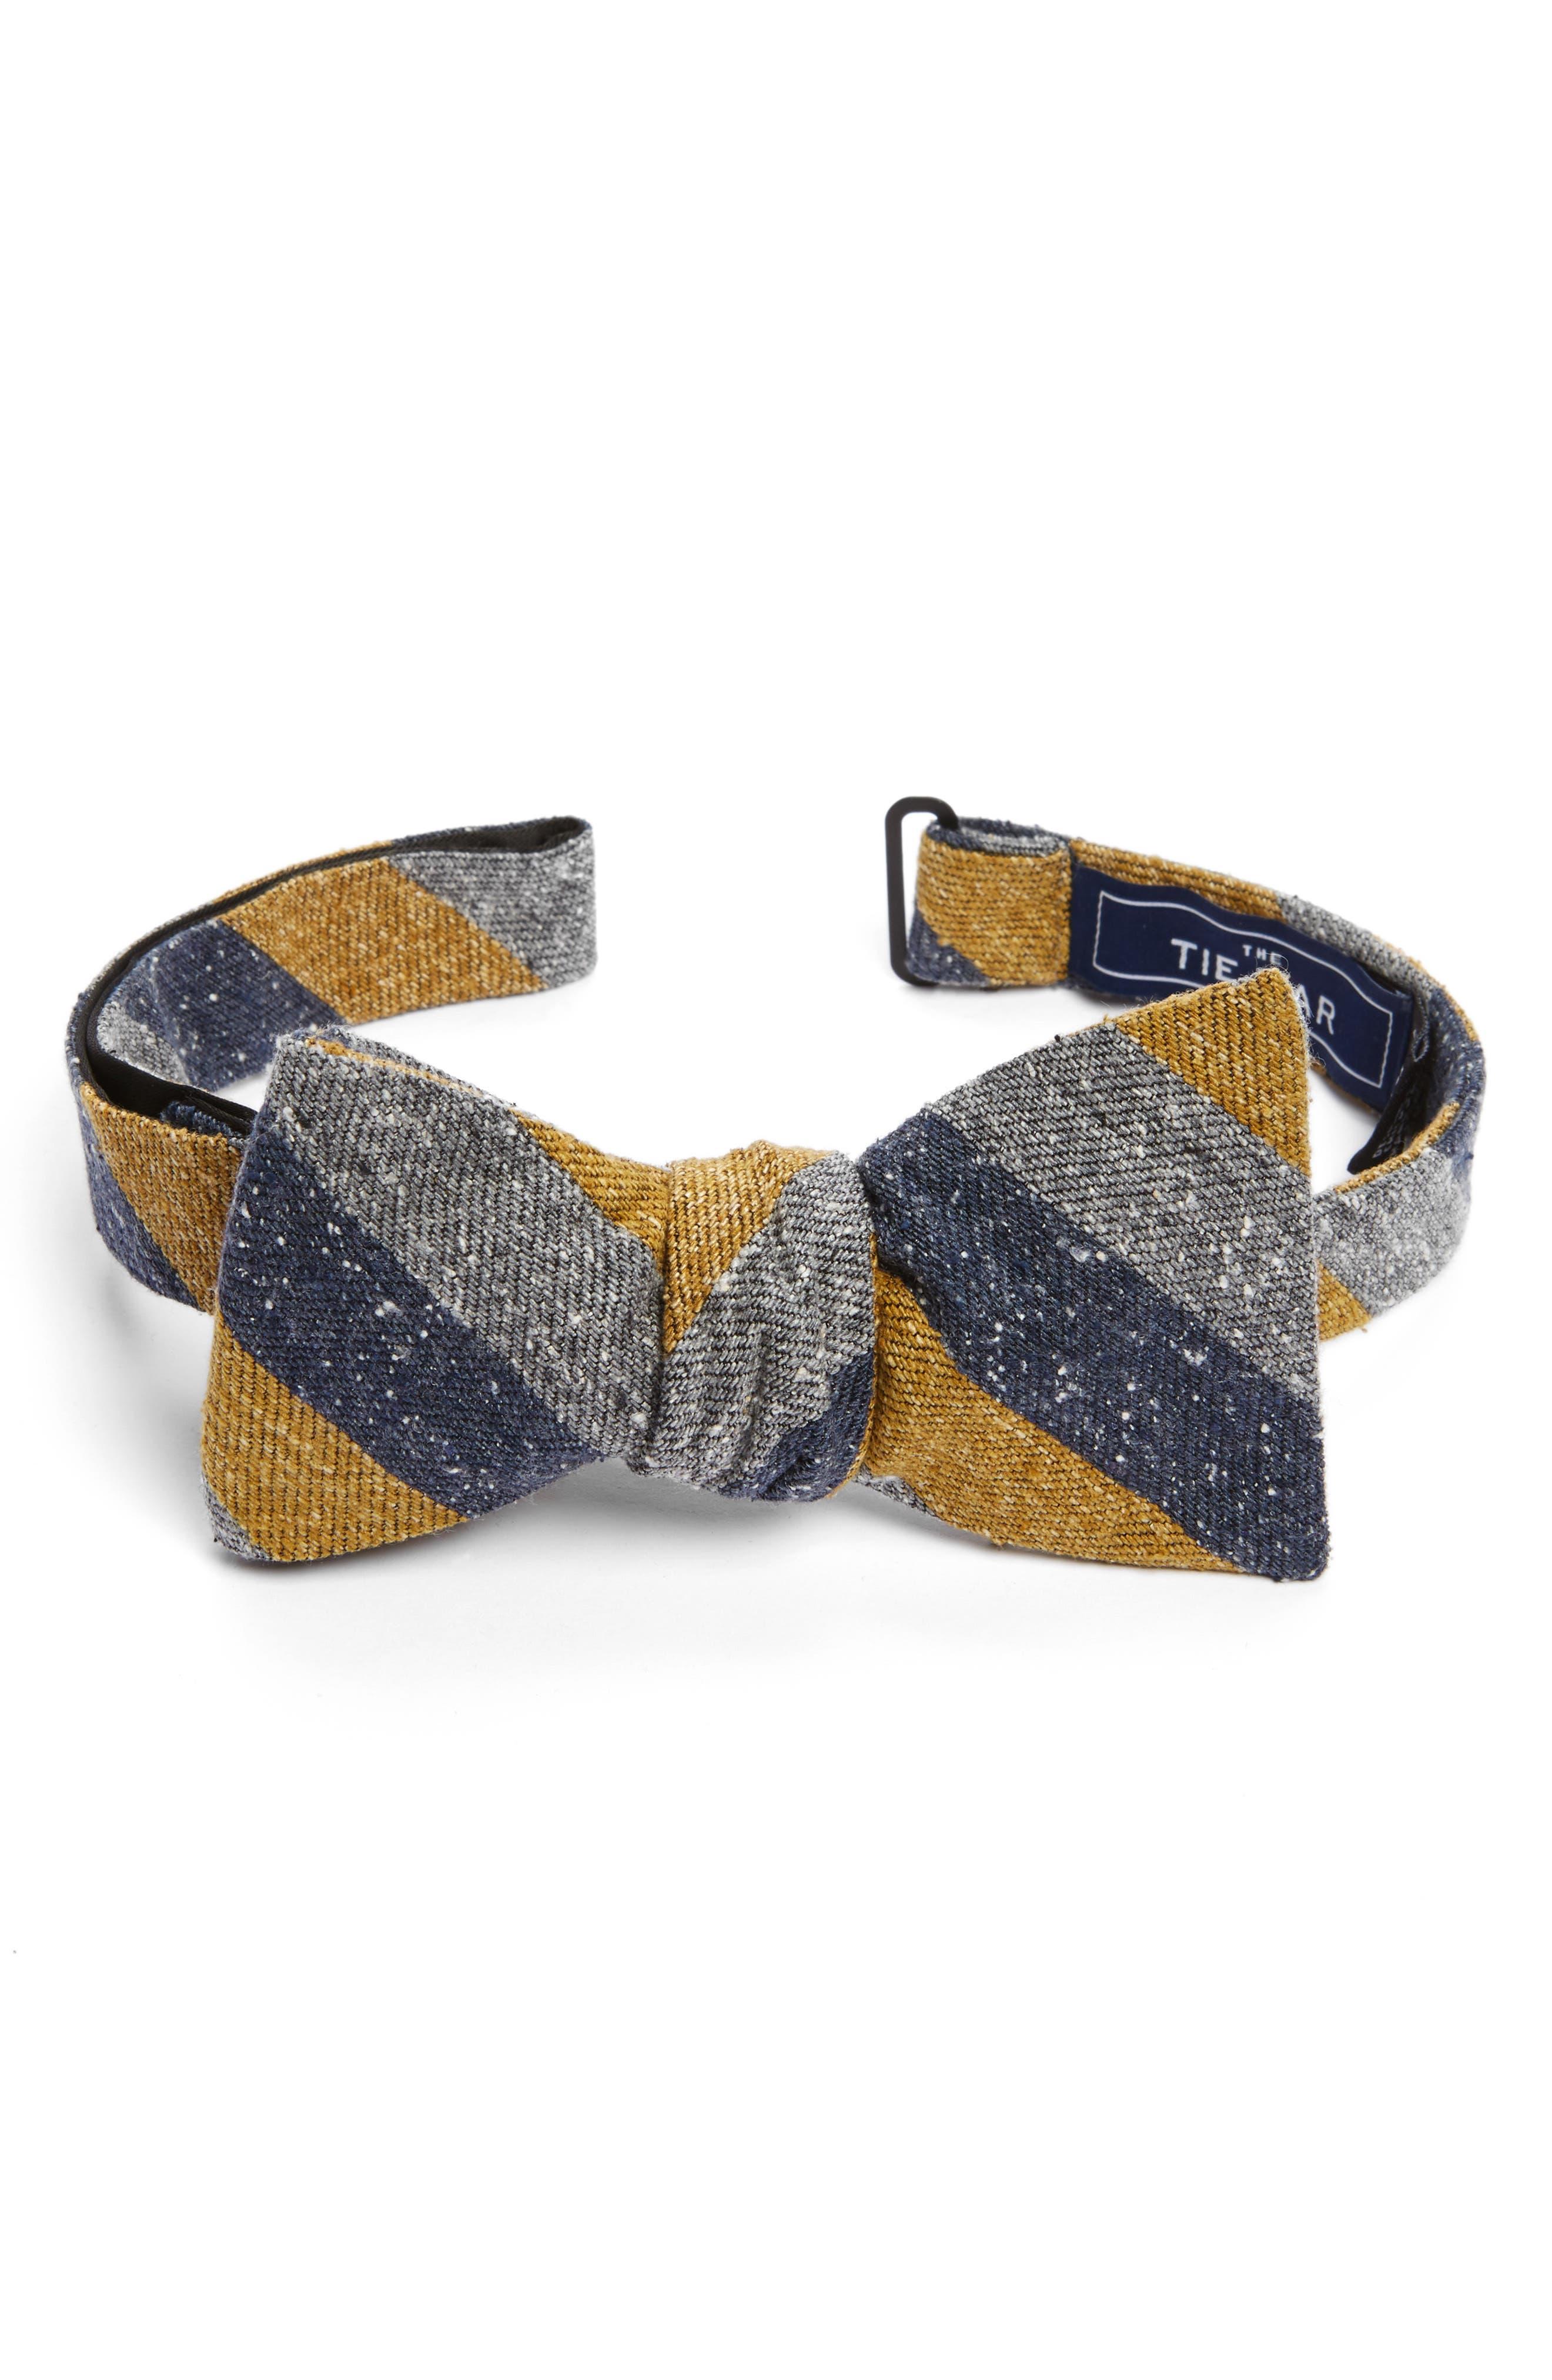 Main Image - The Tie Bar Varios Stripe Silk Bow Tie